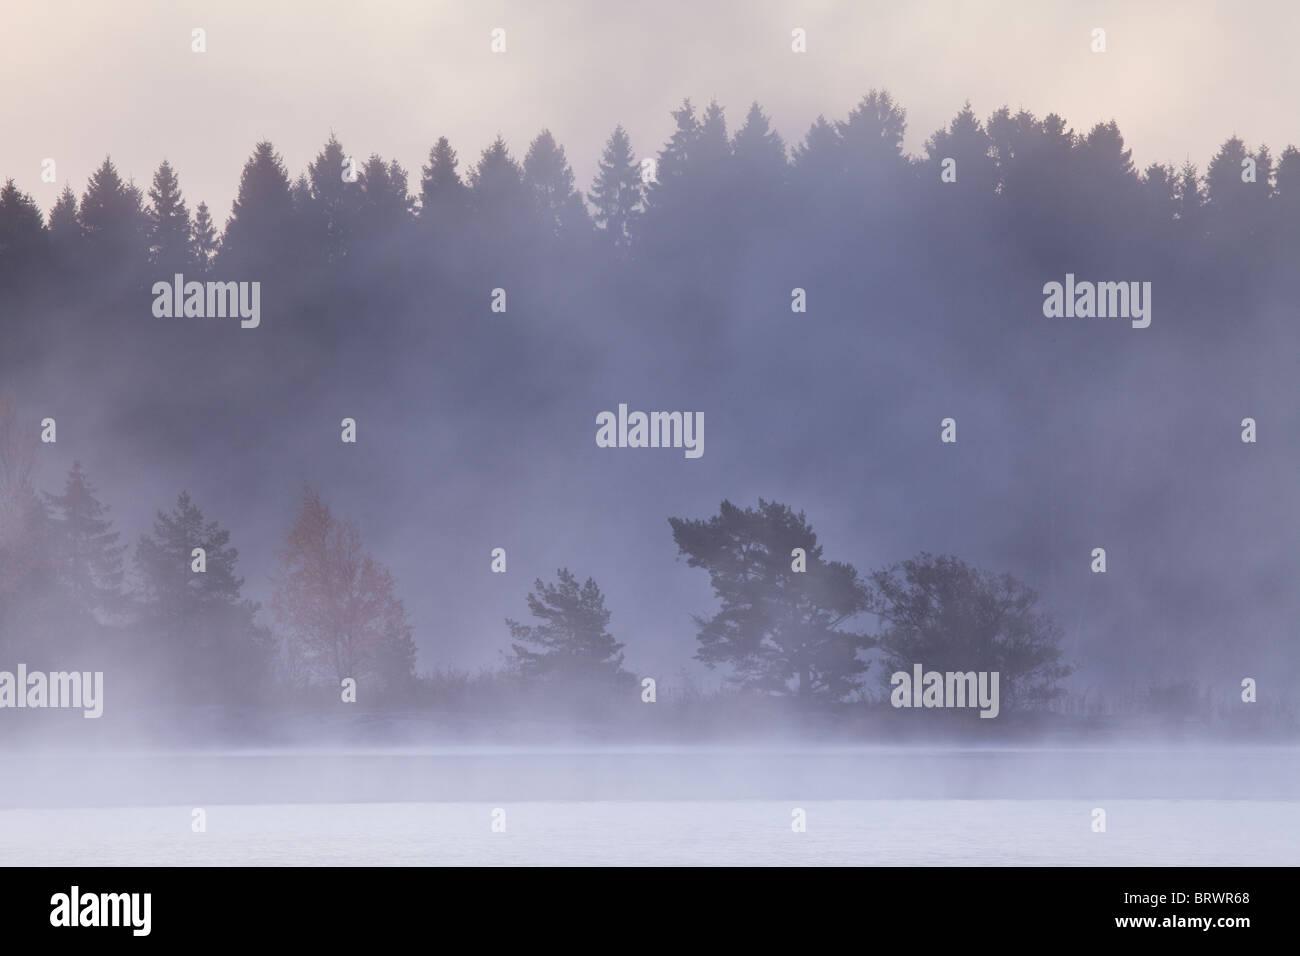 Am frühen Morgen Nebel nach einem frostigen Oktober Nacht im See Vansjø, Østfold, Norwegen. Vansjø ist ein Teil Stockfoto